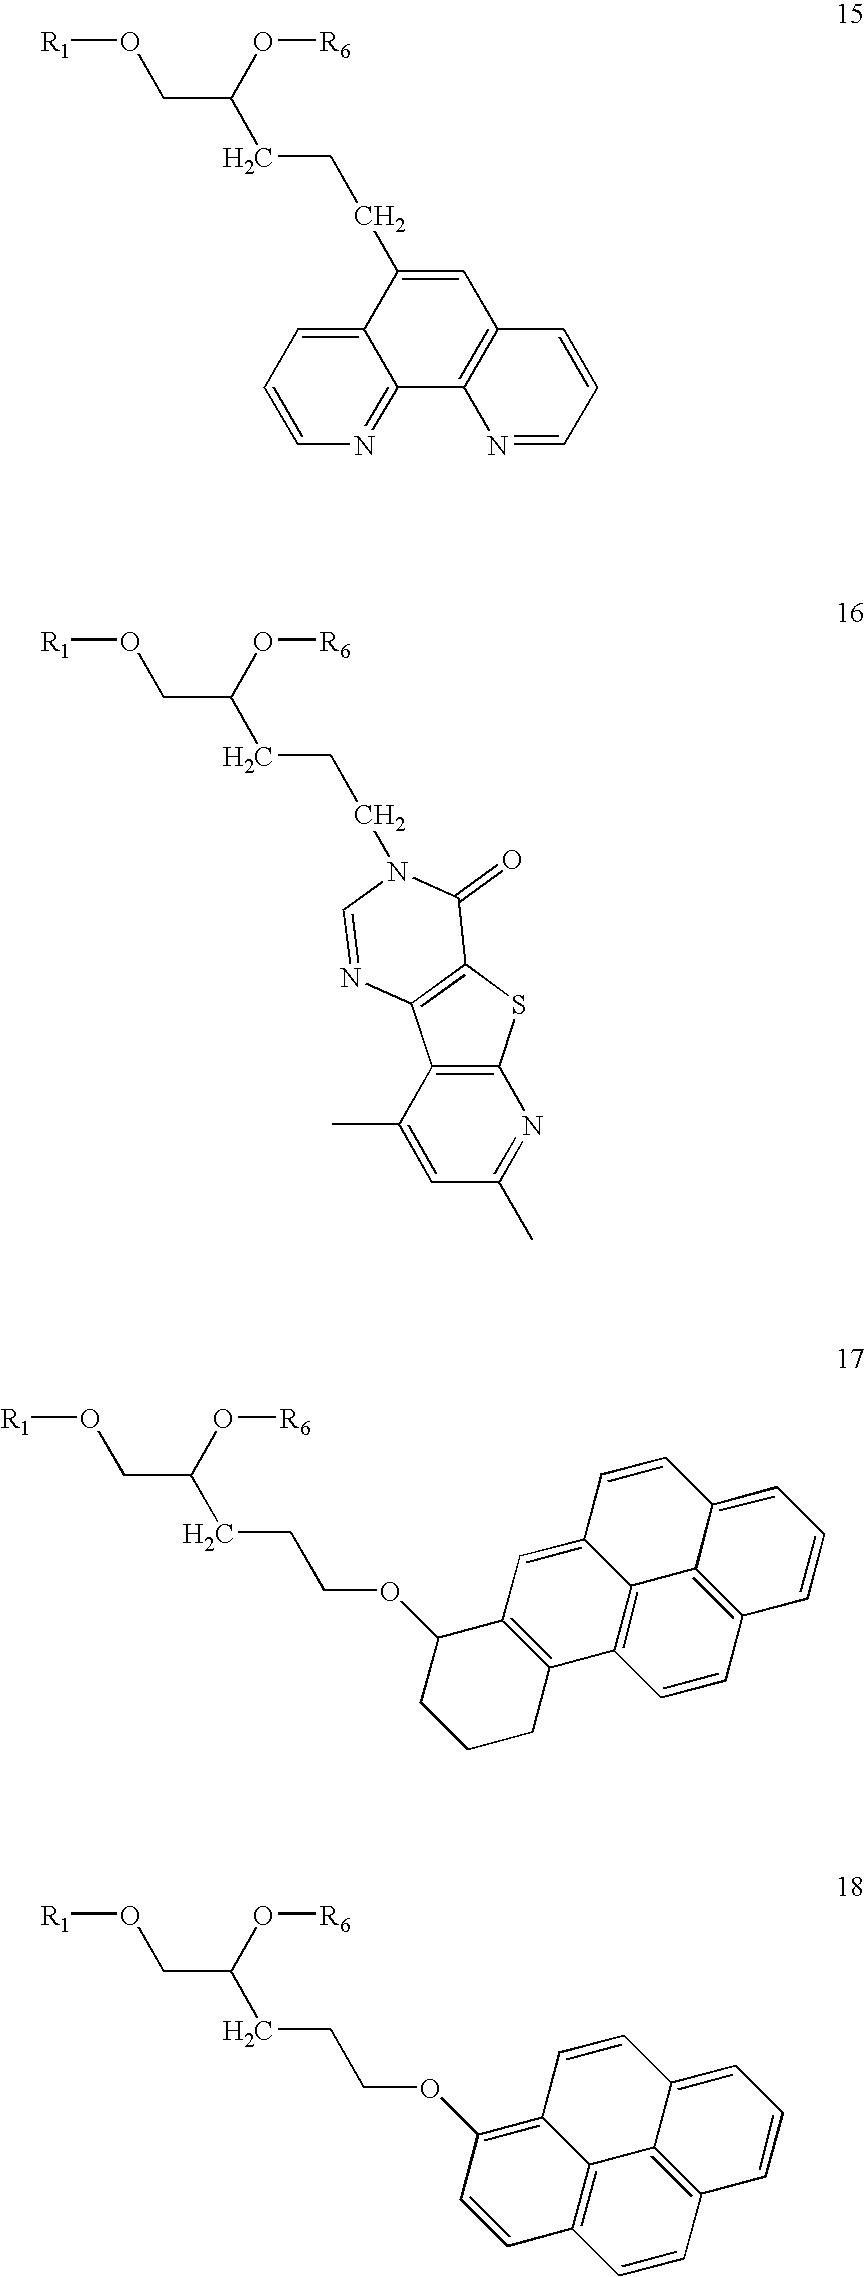 Figure US20060014144A1-20060119-C00090